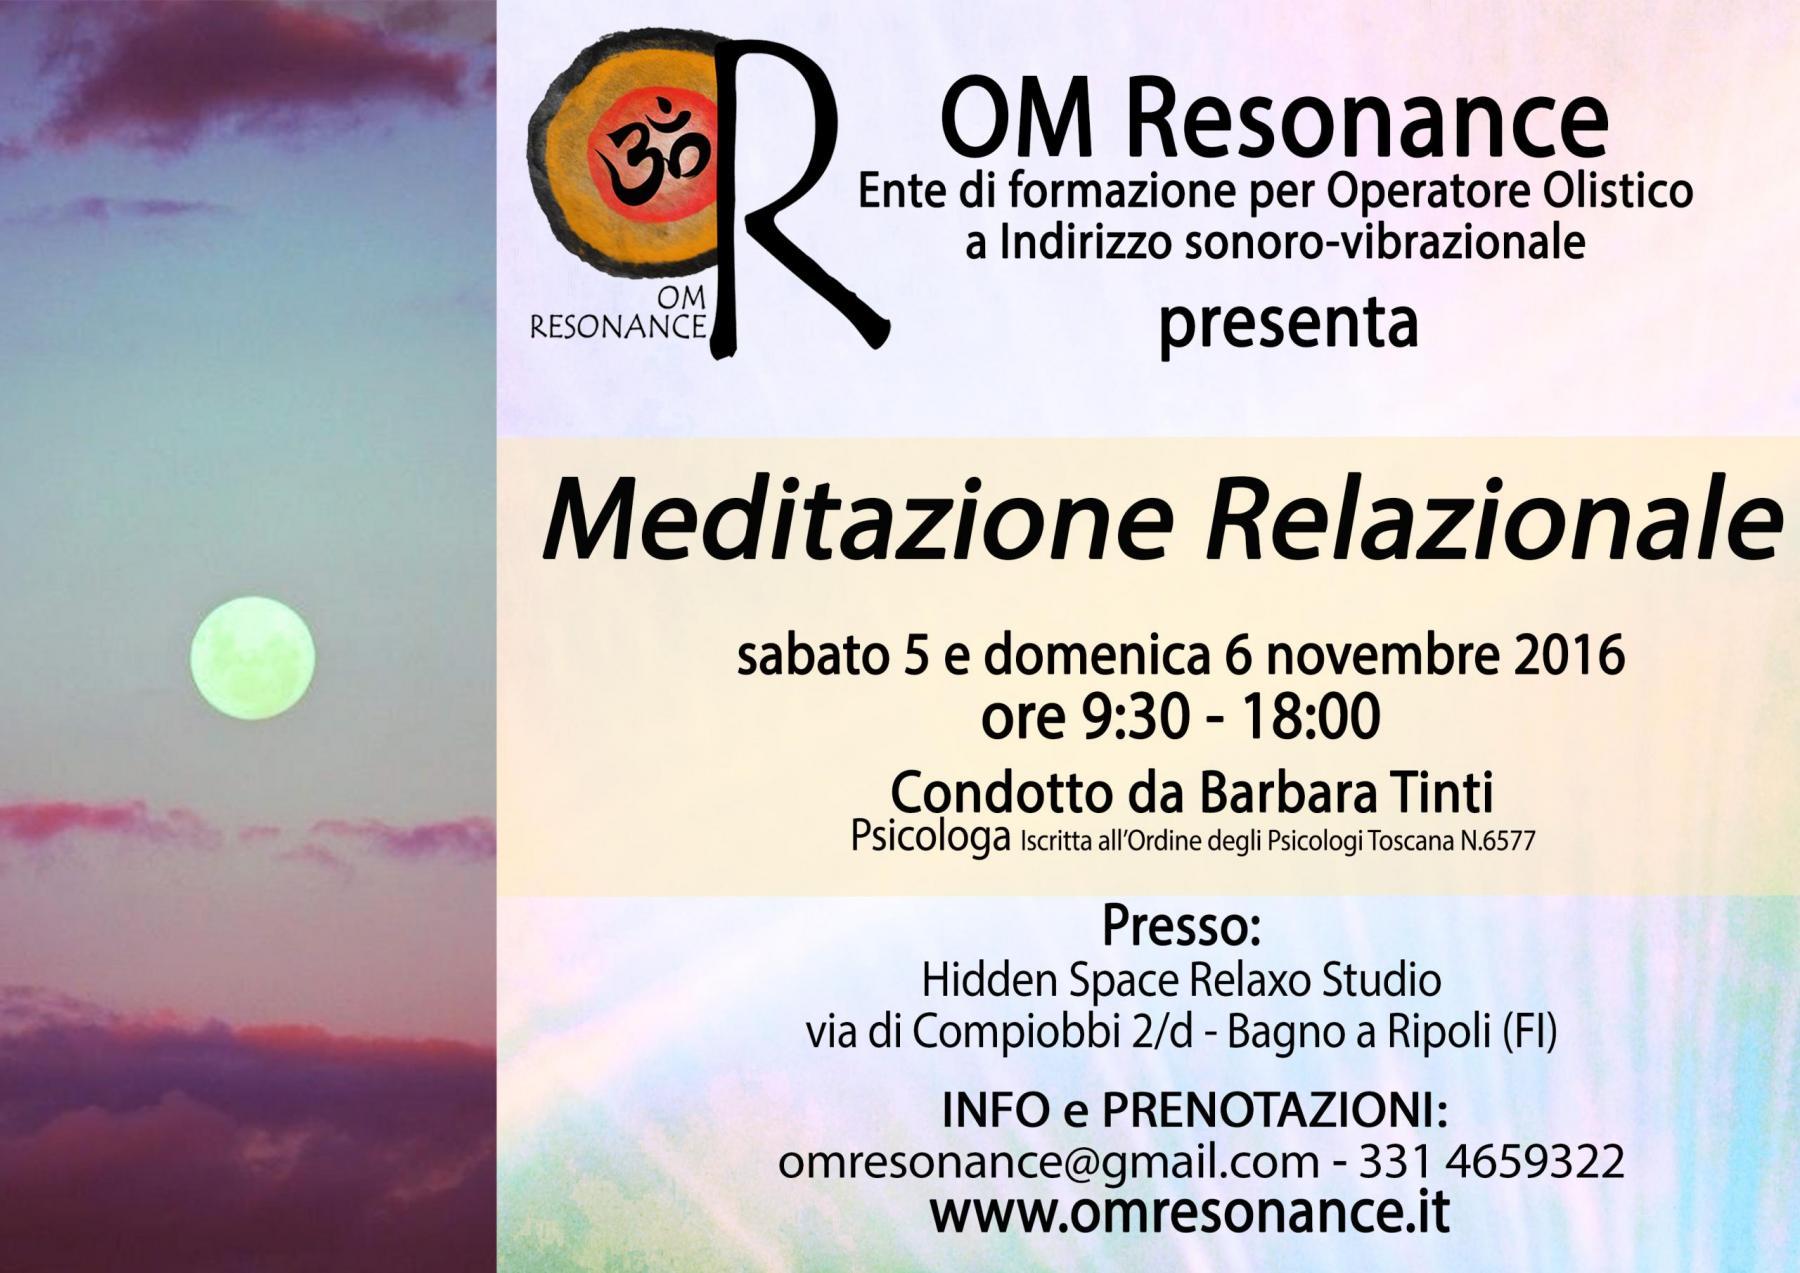 meditazione relazionale om resonance operatore olistico firenze